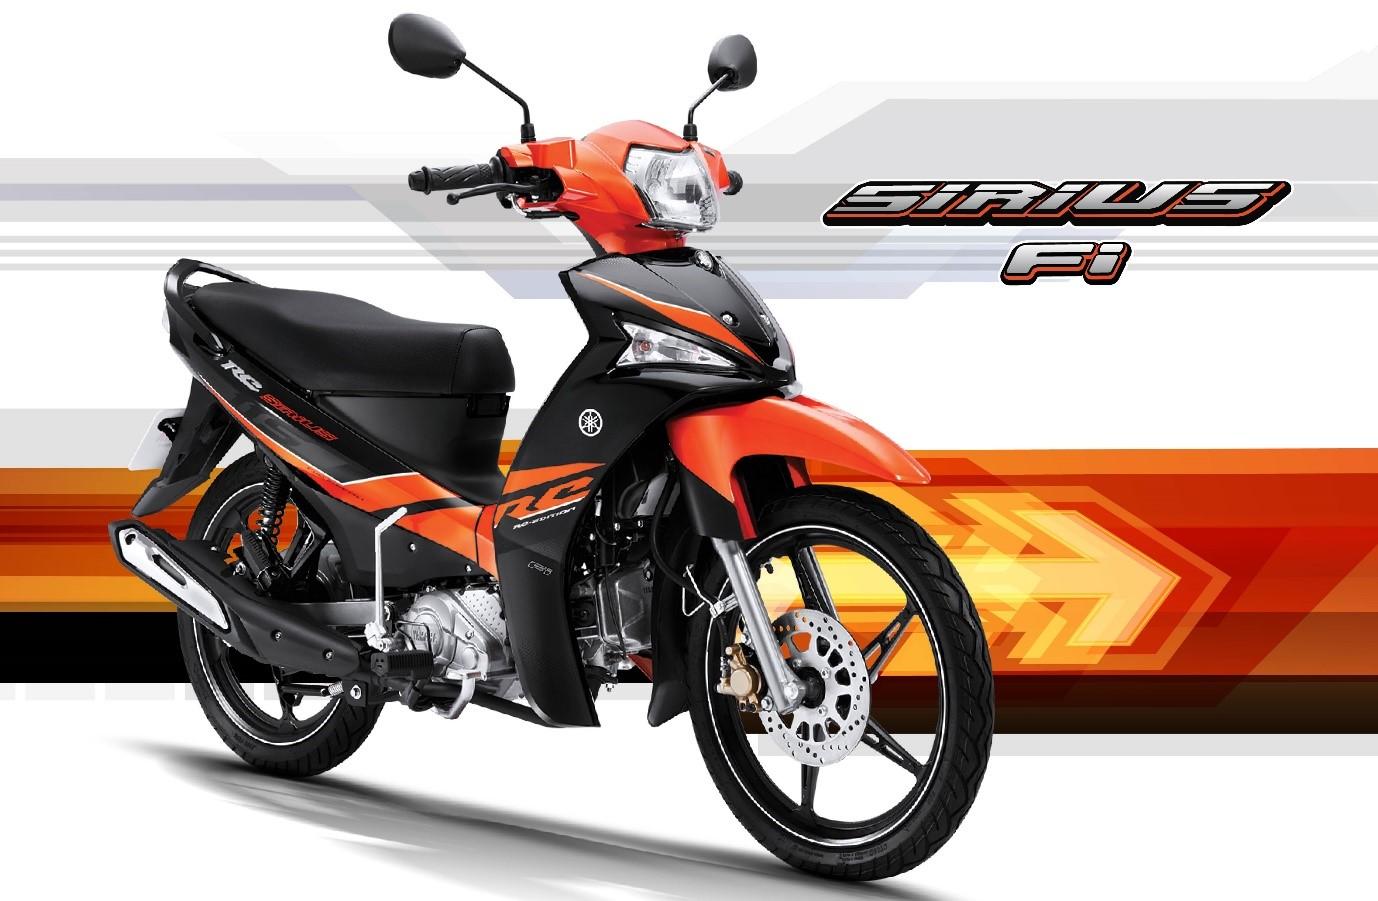 xe gắn máy yamaha mới